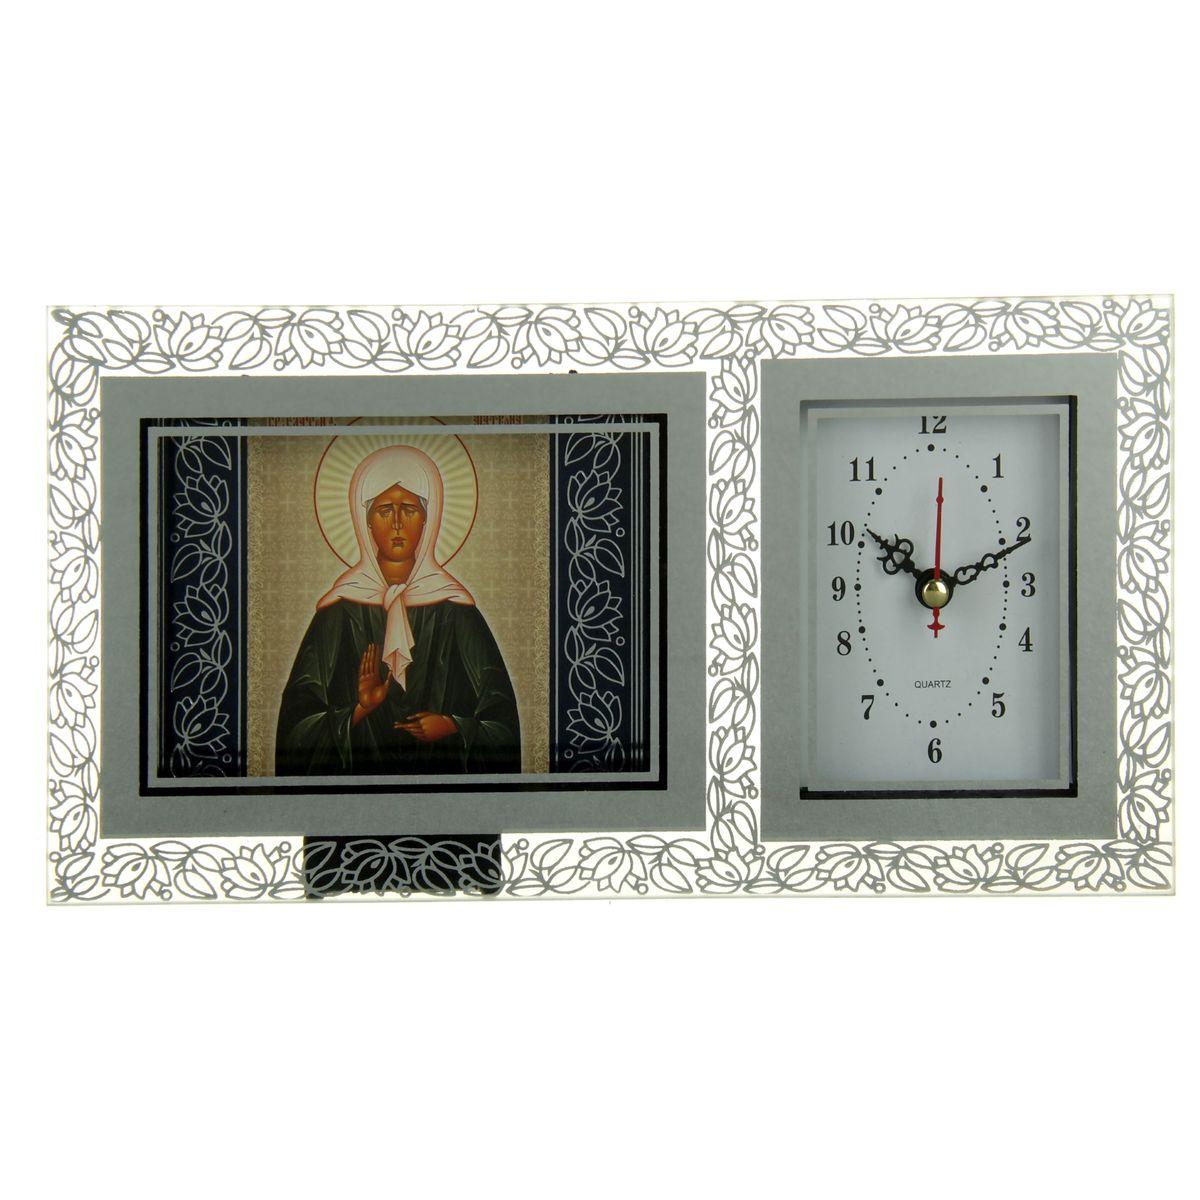 Часы с иконой Блаженная Матрона Московская, 26 см х 13 см157232Часы с иконой Блаженная Матрона Московская помогут красиво оформить интерьер вашего дома. Изделие выполнено из прозрачного стекла, украшено цветочным узором и зеркальным покрытием вокруг иконы и часов. Часы имеют прямоугольный циферблат белого цвета, 3 фигурные стрелки показывают часы, минуты и секунды. Часы устанавливаются на любую плоскую поверхность, стол или полку. Любое помещение выглядит незавершенным без правильно расположенных предметов интерьера. Они помогают создать уют, расставить акценты, подчеркнуть достоинства или скрыть недостатки. Не бывает незначительных деталей. Из мелочей складывается образ человека и стиль интерьера. Часы с иконой - одна из тех деталей, которые придают дому обжитой вид и создают ощущение уюта. Часы работают от одной батарейки типа АА.